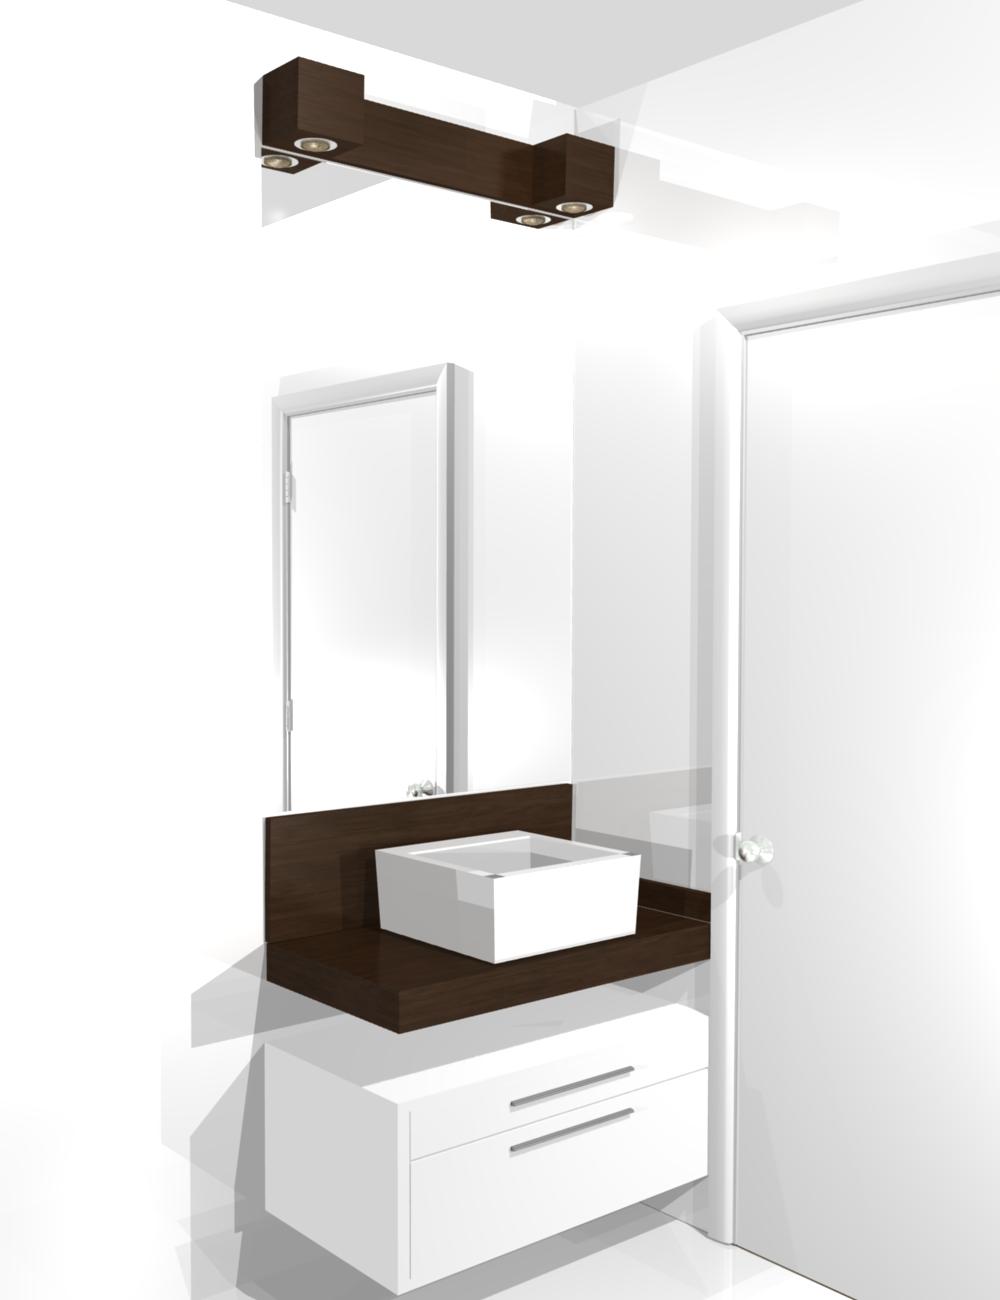 Pin Moveis Planejado Banho Banheiro Gabinete Pequenos Modernos Lindos on Pint -> Banheiro Pequeno Gabinete